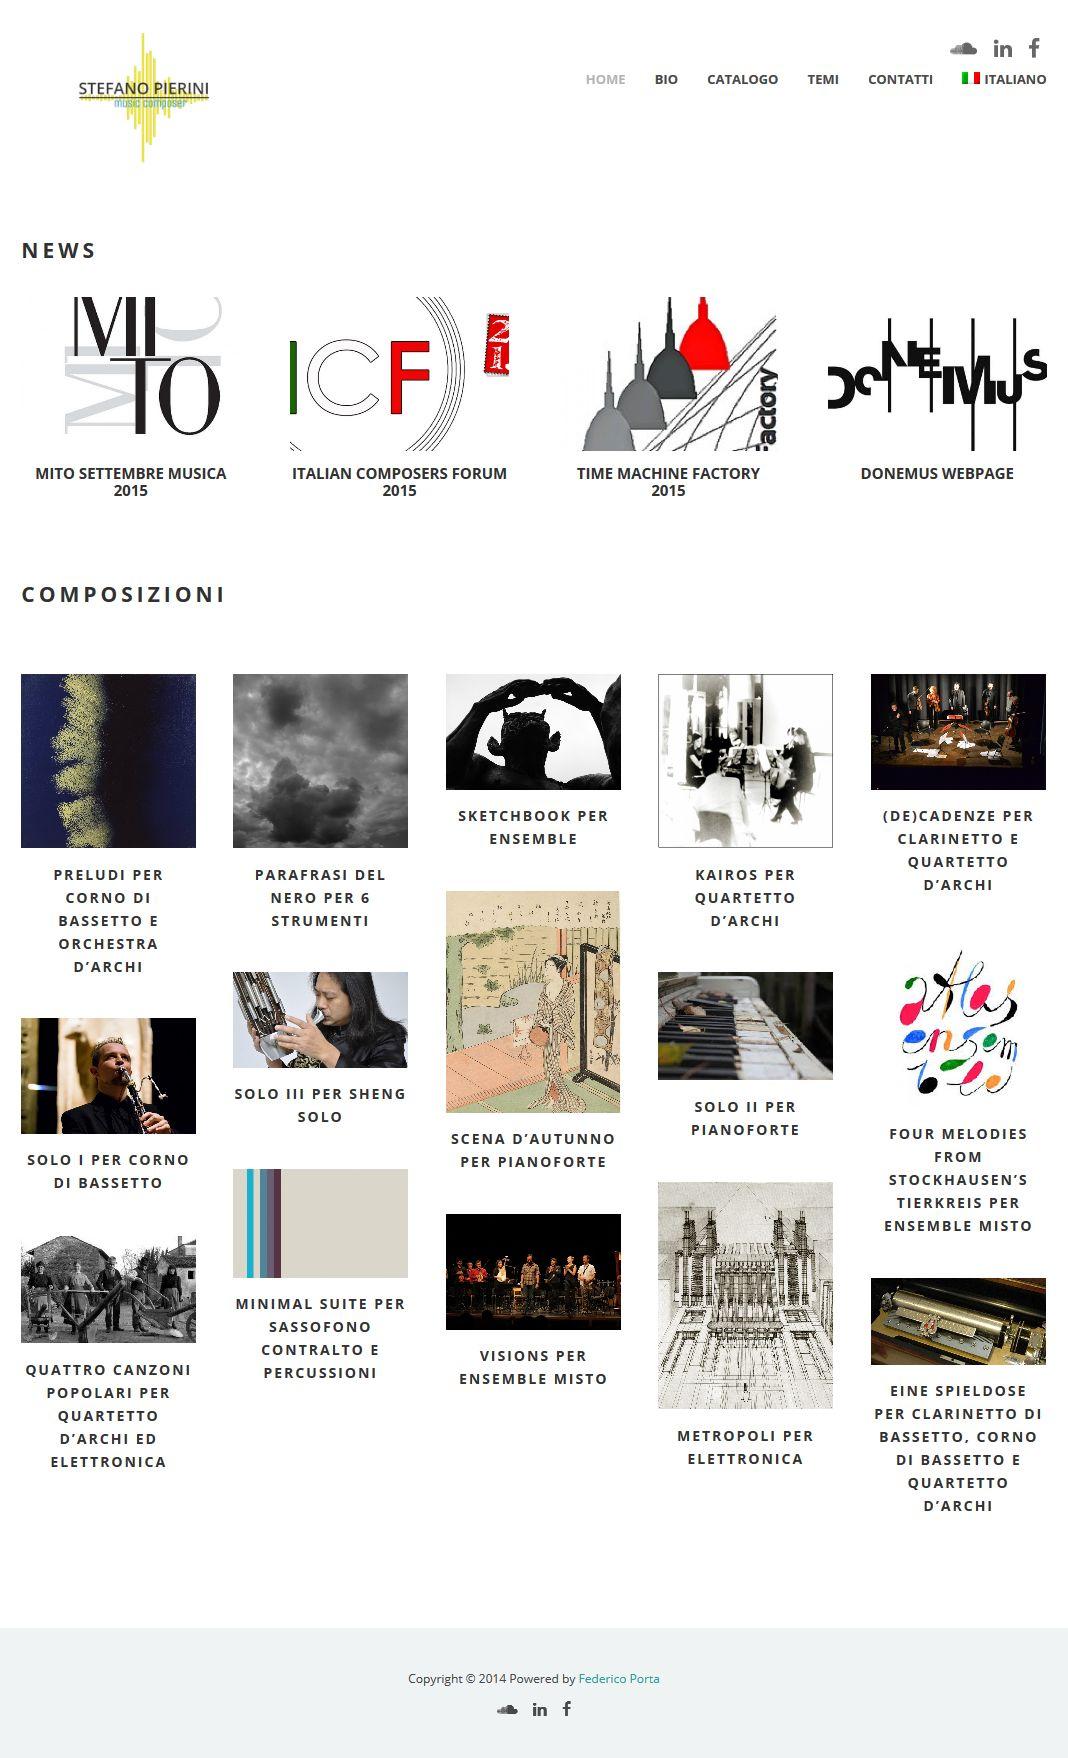 Stefano Pierini compositore sito online